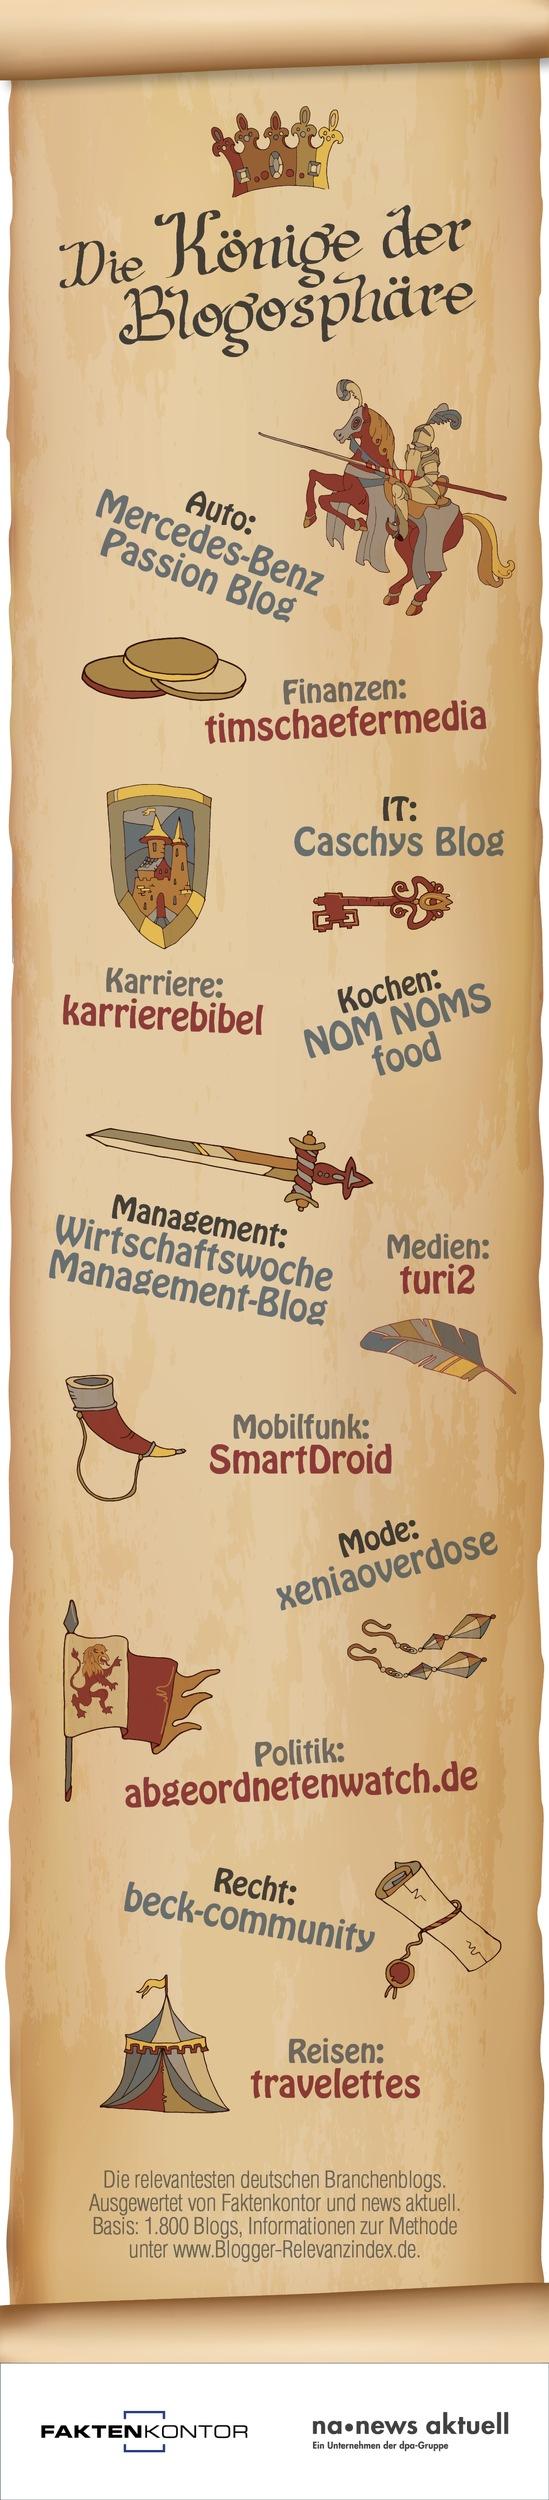 Infografik: Die Könige der Blogosphäre: Die relevantesten deutschen Blogs